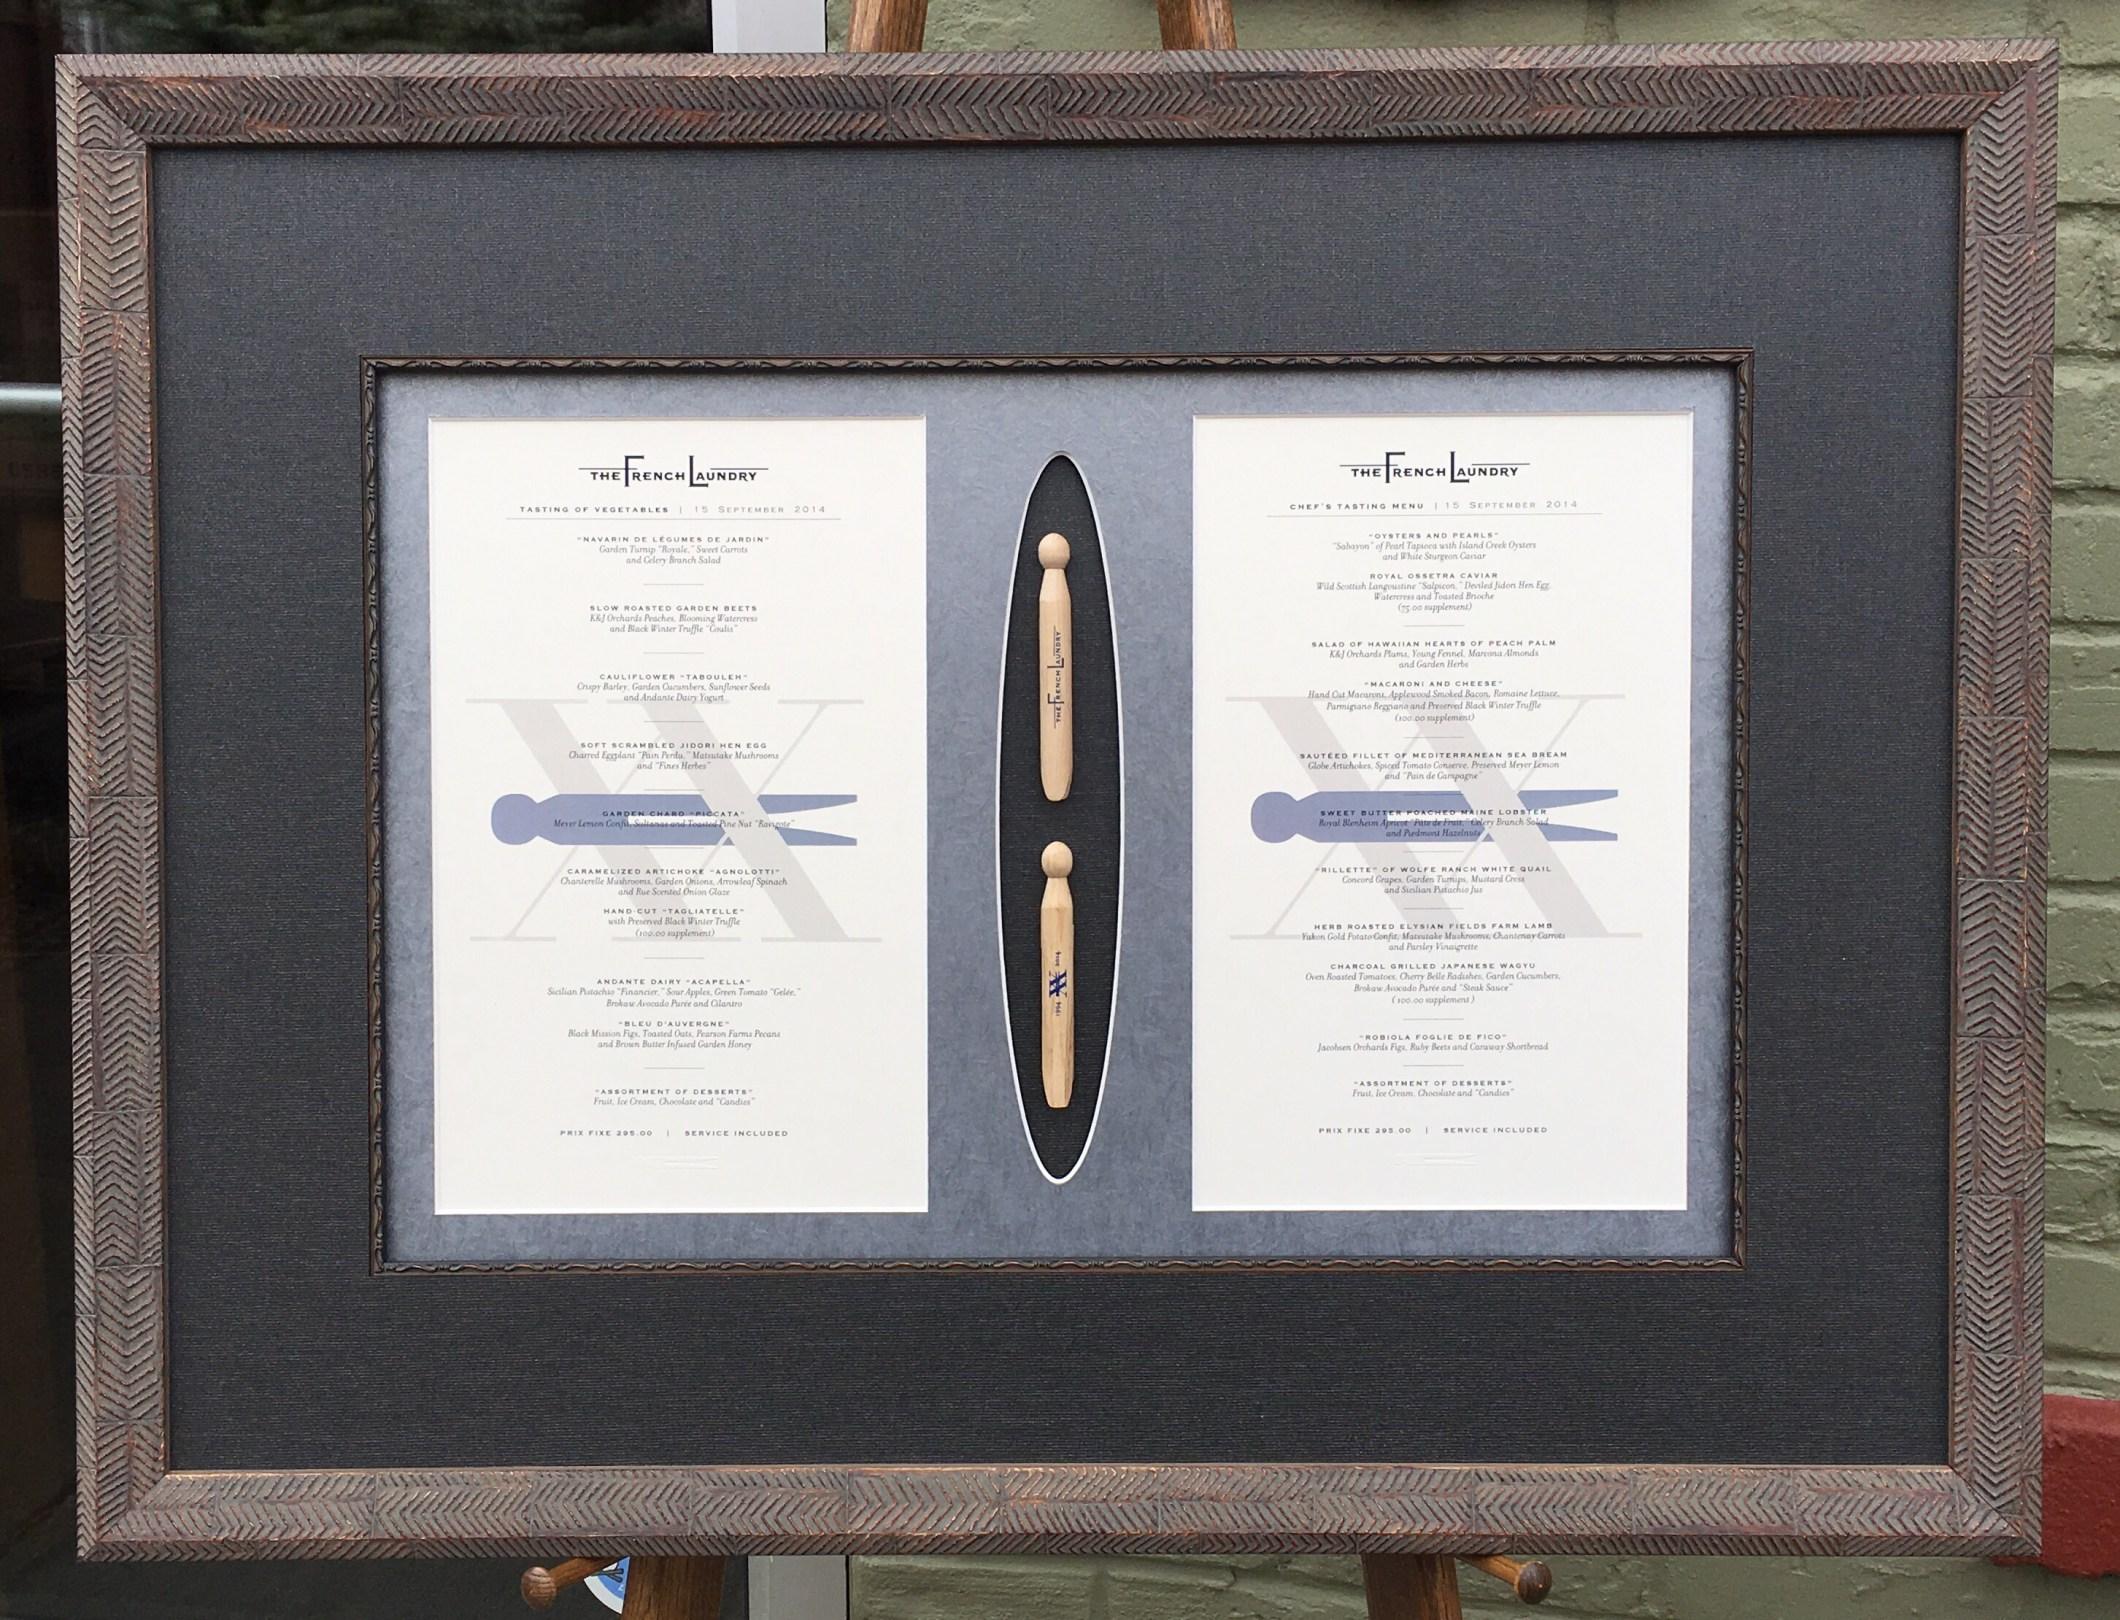 gallery_293_napa_valley_menus_framed.jpg